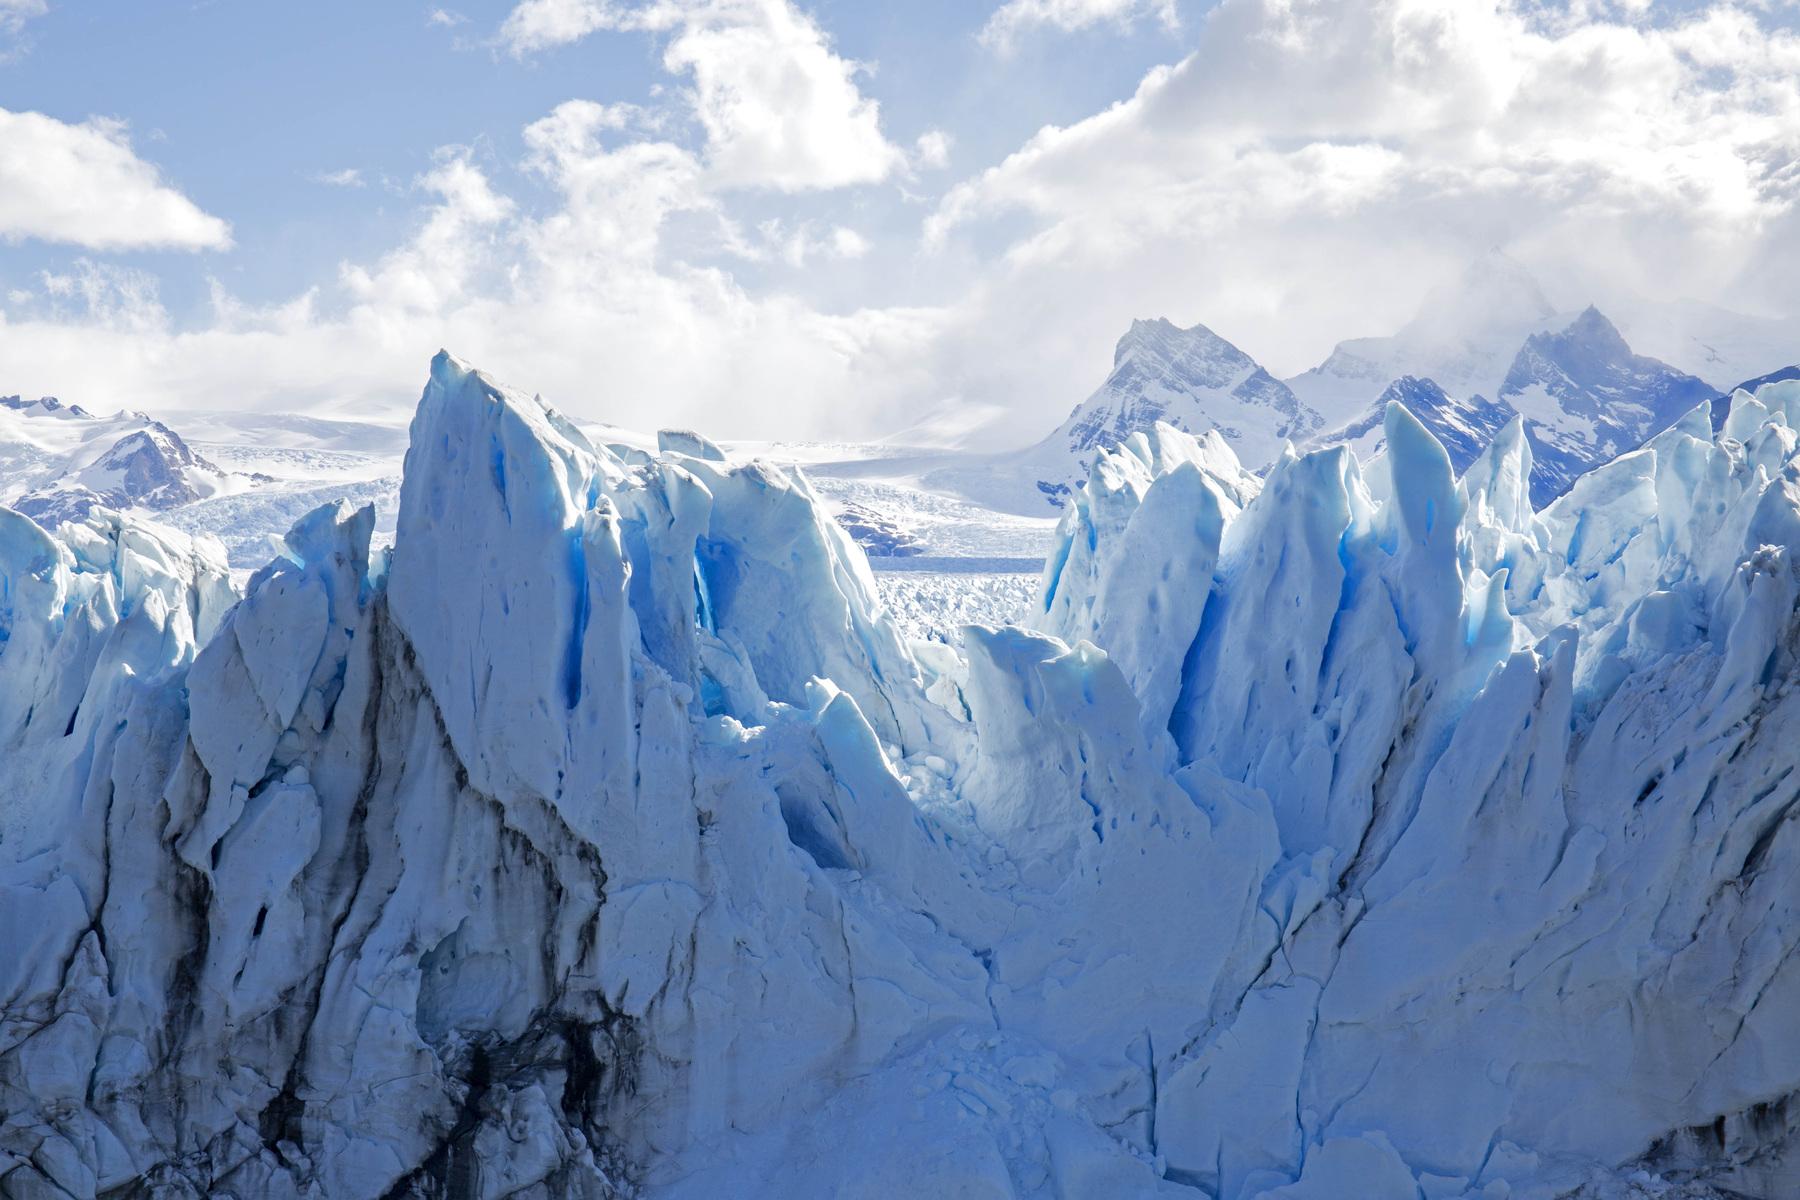 Genevieve French Photography - #8 Perito Moreno Glacier (2019)